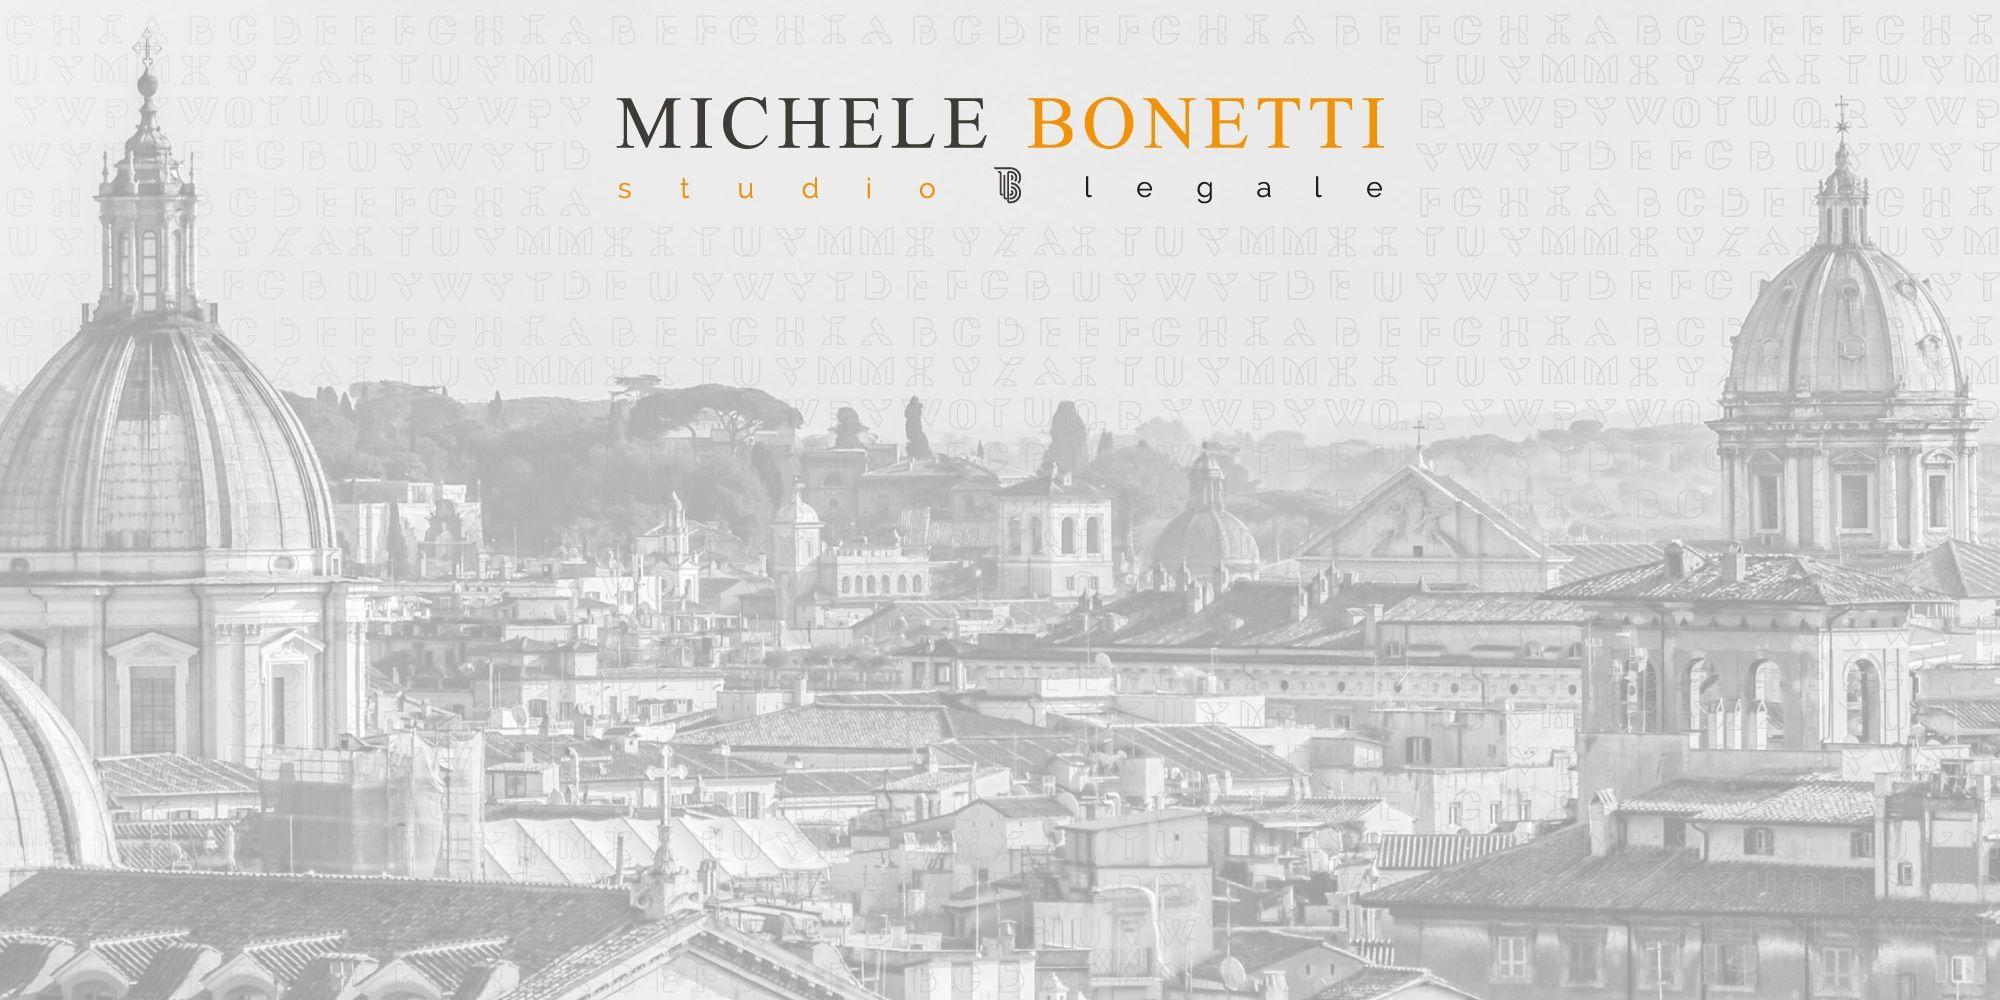 Studio legale Avv. Michele Bonetti - Una r-Evoluzione nel mondo del diritto